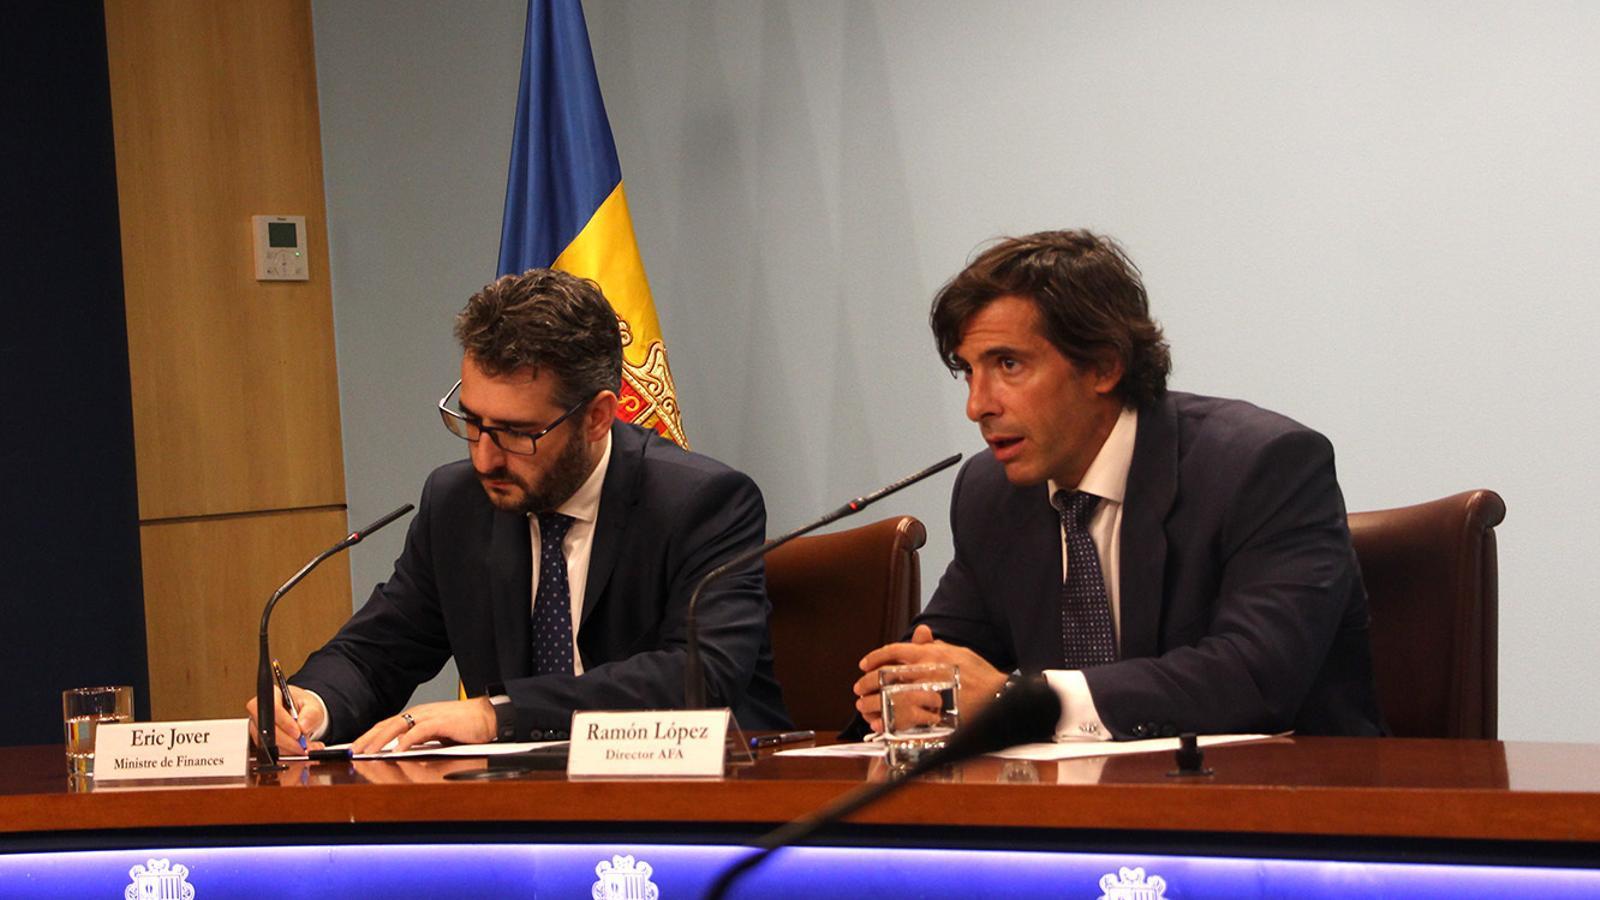 El director general de l'l'Autoritat Financera Andorrana, Ramón López, i el ministre de Finances, Eric jover, durant la roda de premsa per presentar les mesures preses. / M. F. (ANA)